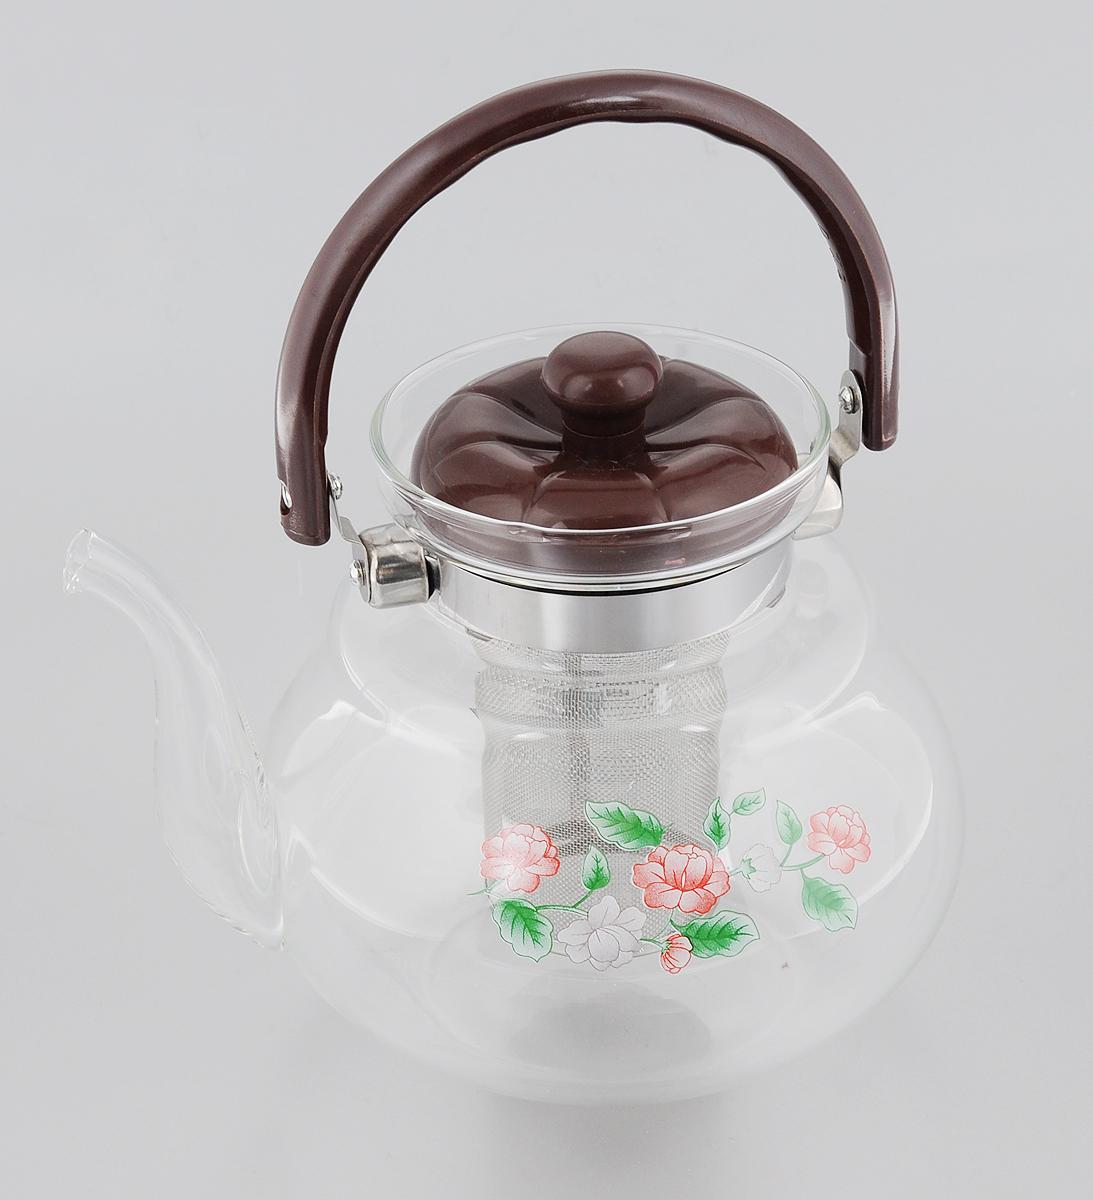 Чайник заварочный Mayer & Boch, с фильтром, 1,5 л20781Заварочный чайник Mayer & Boch полностью изготовлен из жаропрочного боросиликатного стекла и оформлен красивым цветочным принтом. Чайник оснащен сетчатым фильтром из нержавеющей стали, который задерживает чаинки и предотвращает их попадание в чашку. Прозрачные стенки дают возможность наблюдать за насыщением напитка. Подвижная ручка и крышка выполнены из бакелита. Заварочный чайник Mayer & Boch займет достойное место на вашей кухне, а также послужит хорошим подарком для друзей и близких. Диаметр (по верхнему краю): 10 см. Диаметр основания: 9 см. Высота фильтра: 9,5 см. Высота чайника (без учета ручки и крышки): 15 см.